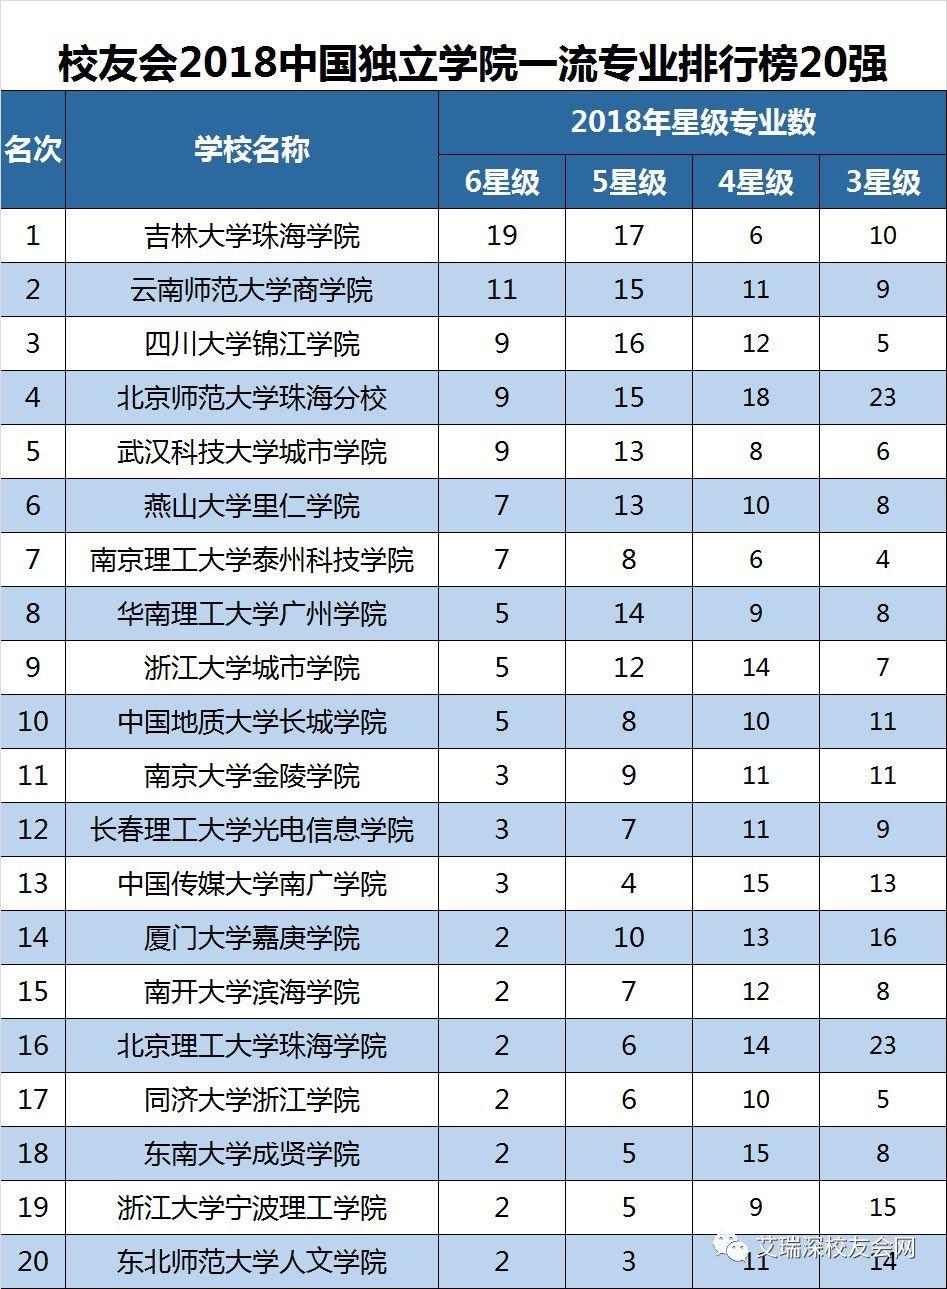 2018年专业排行榜_2018高考热门专业排行榜前十名 大学热门专业排行榜